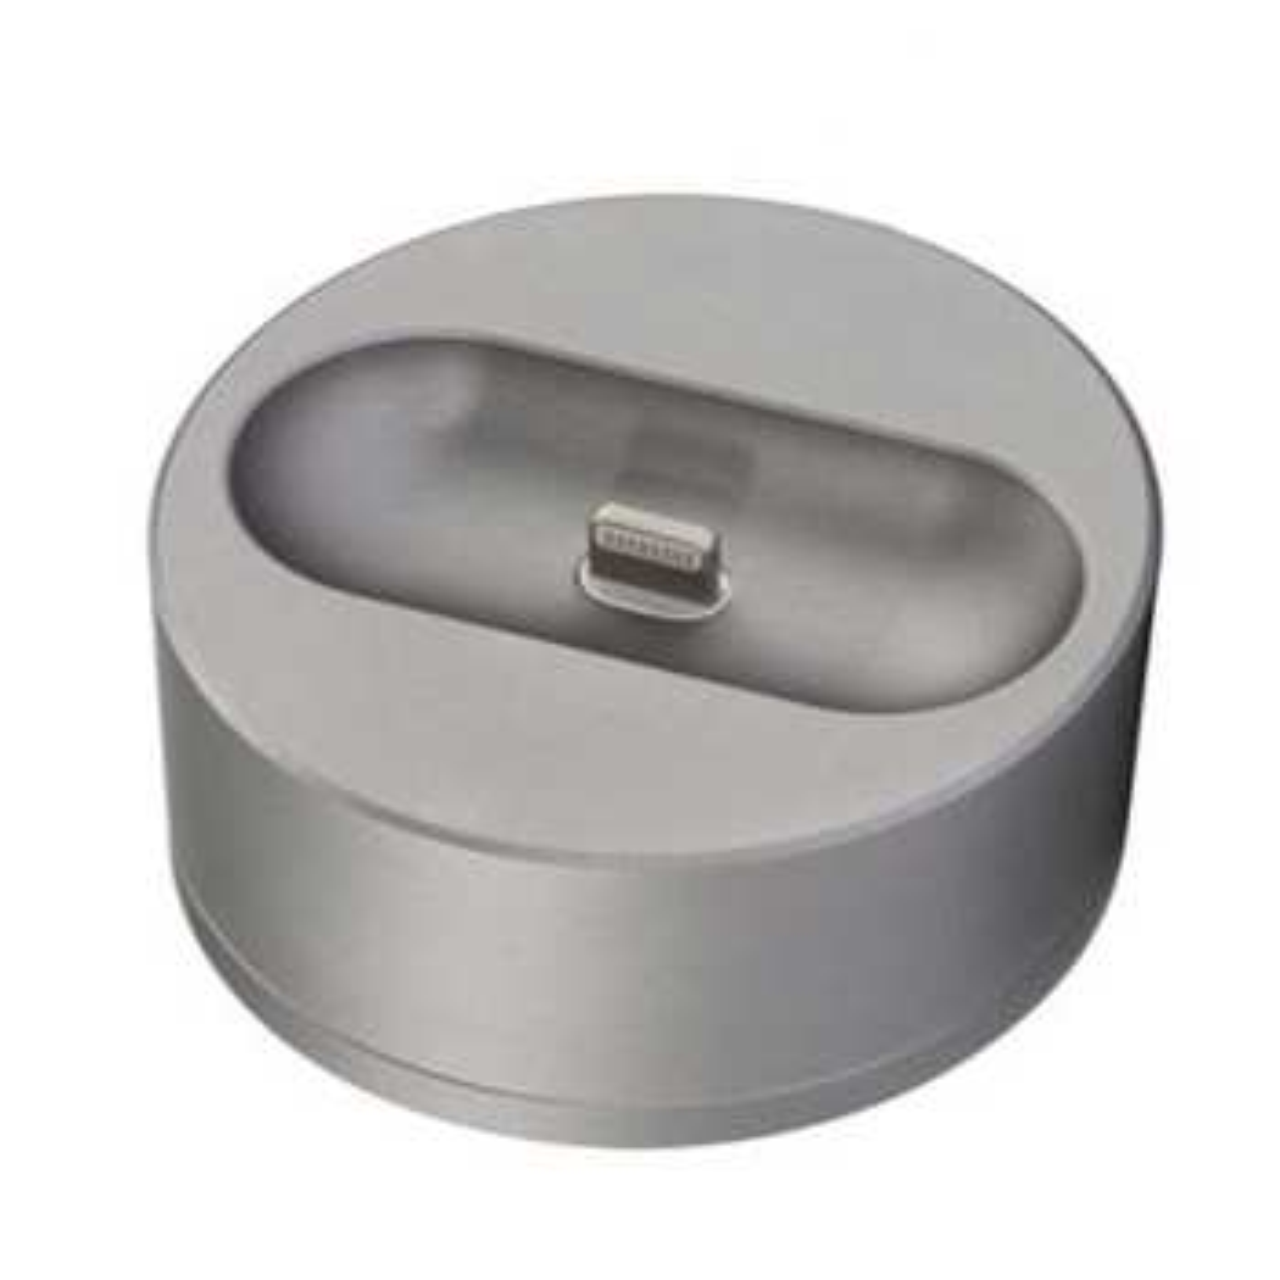 پایه شارژ مدل Base 20 مناسب برای ایرپاد